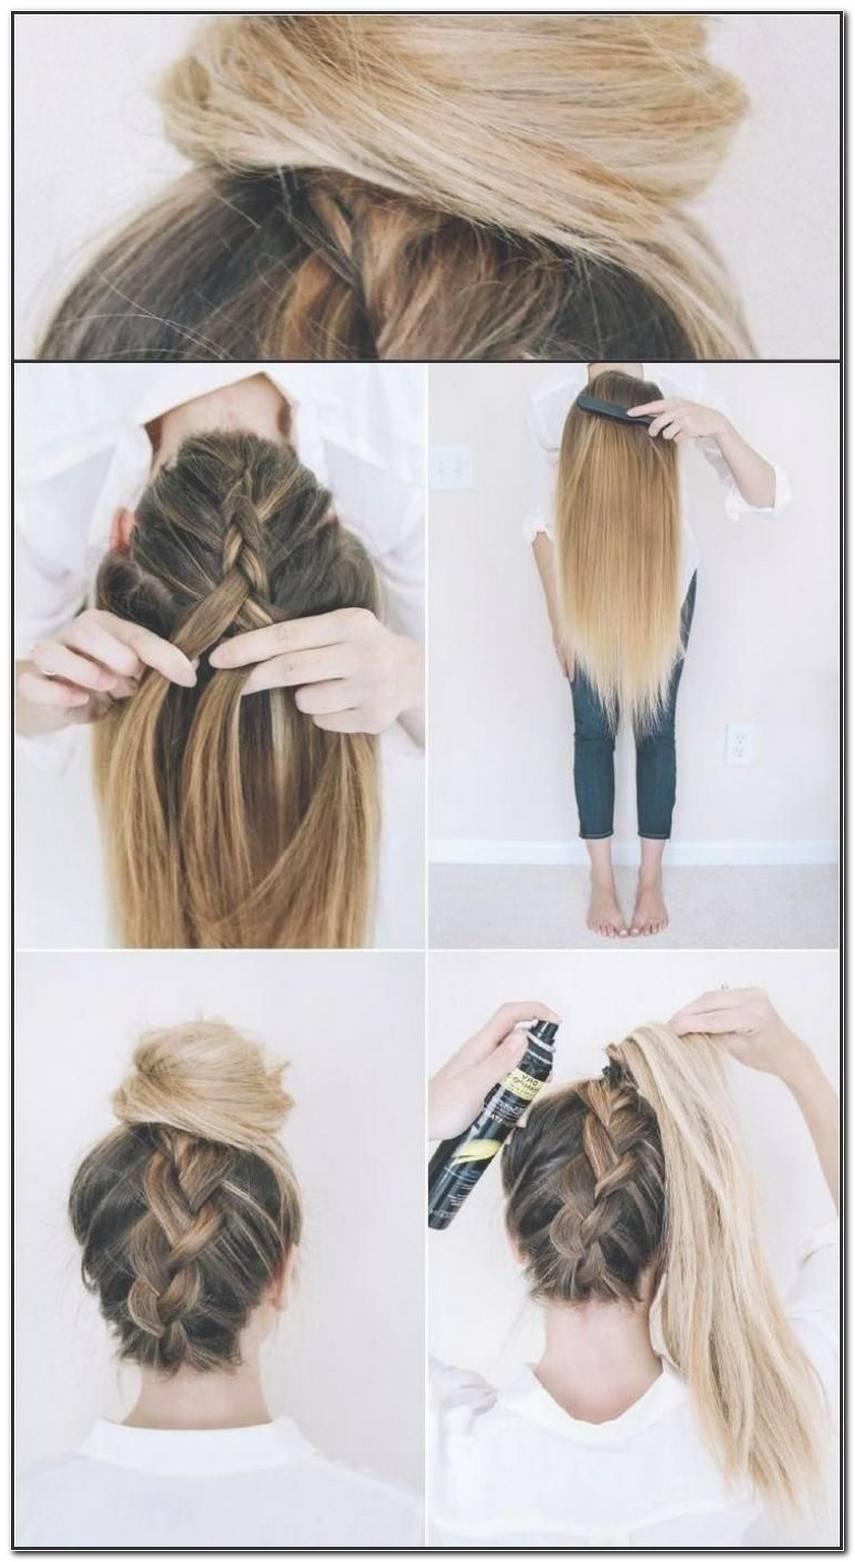 Frisuren Zum Selber Machen